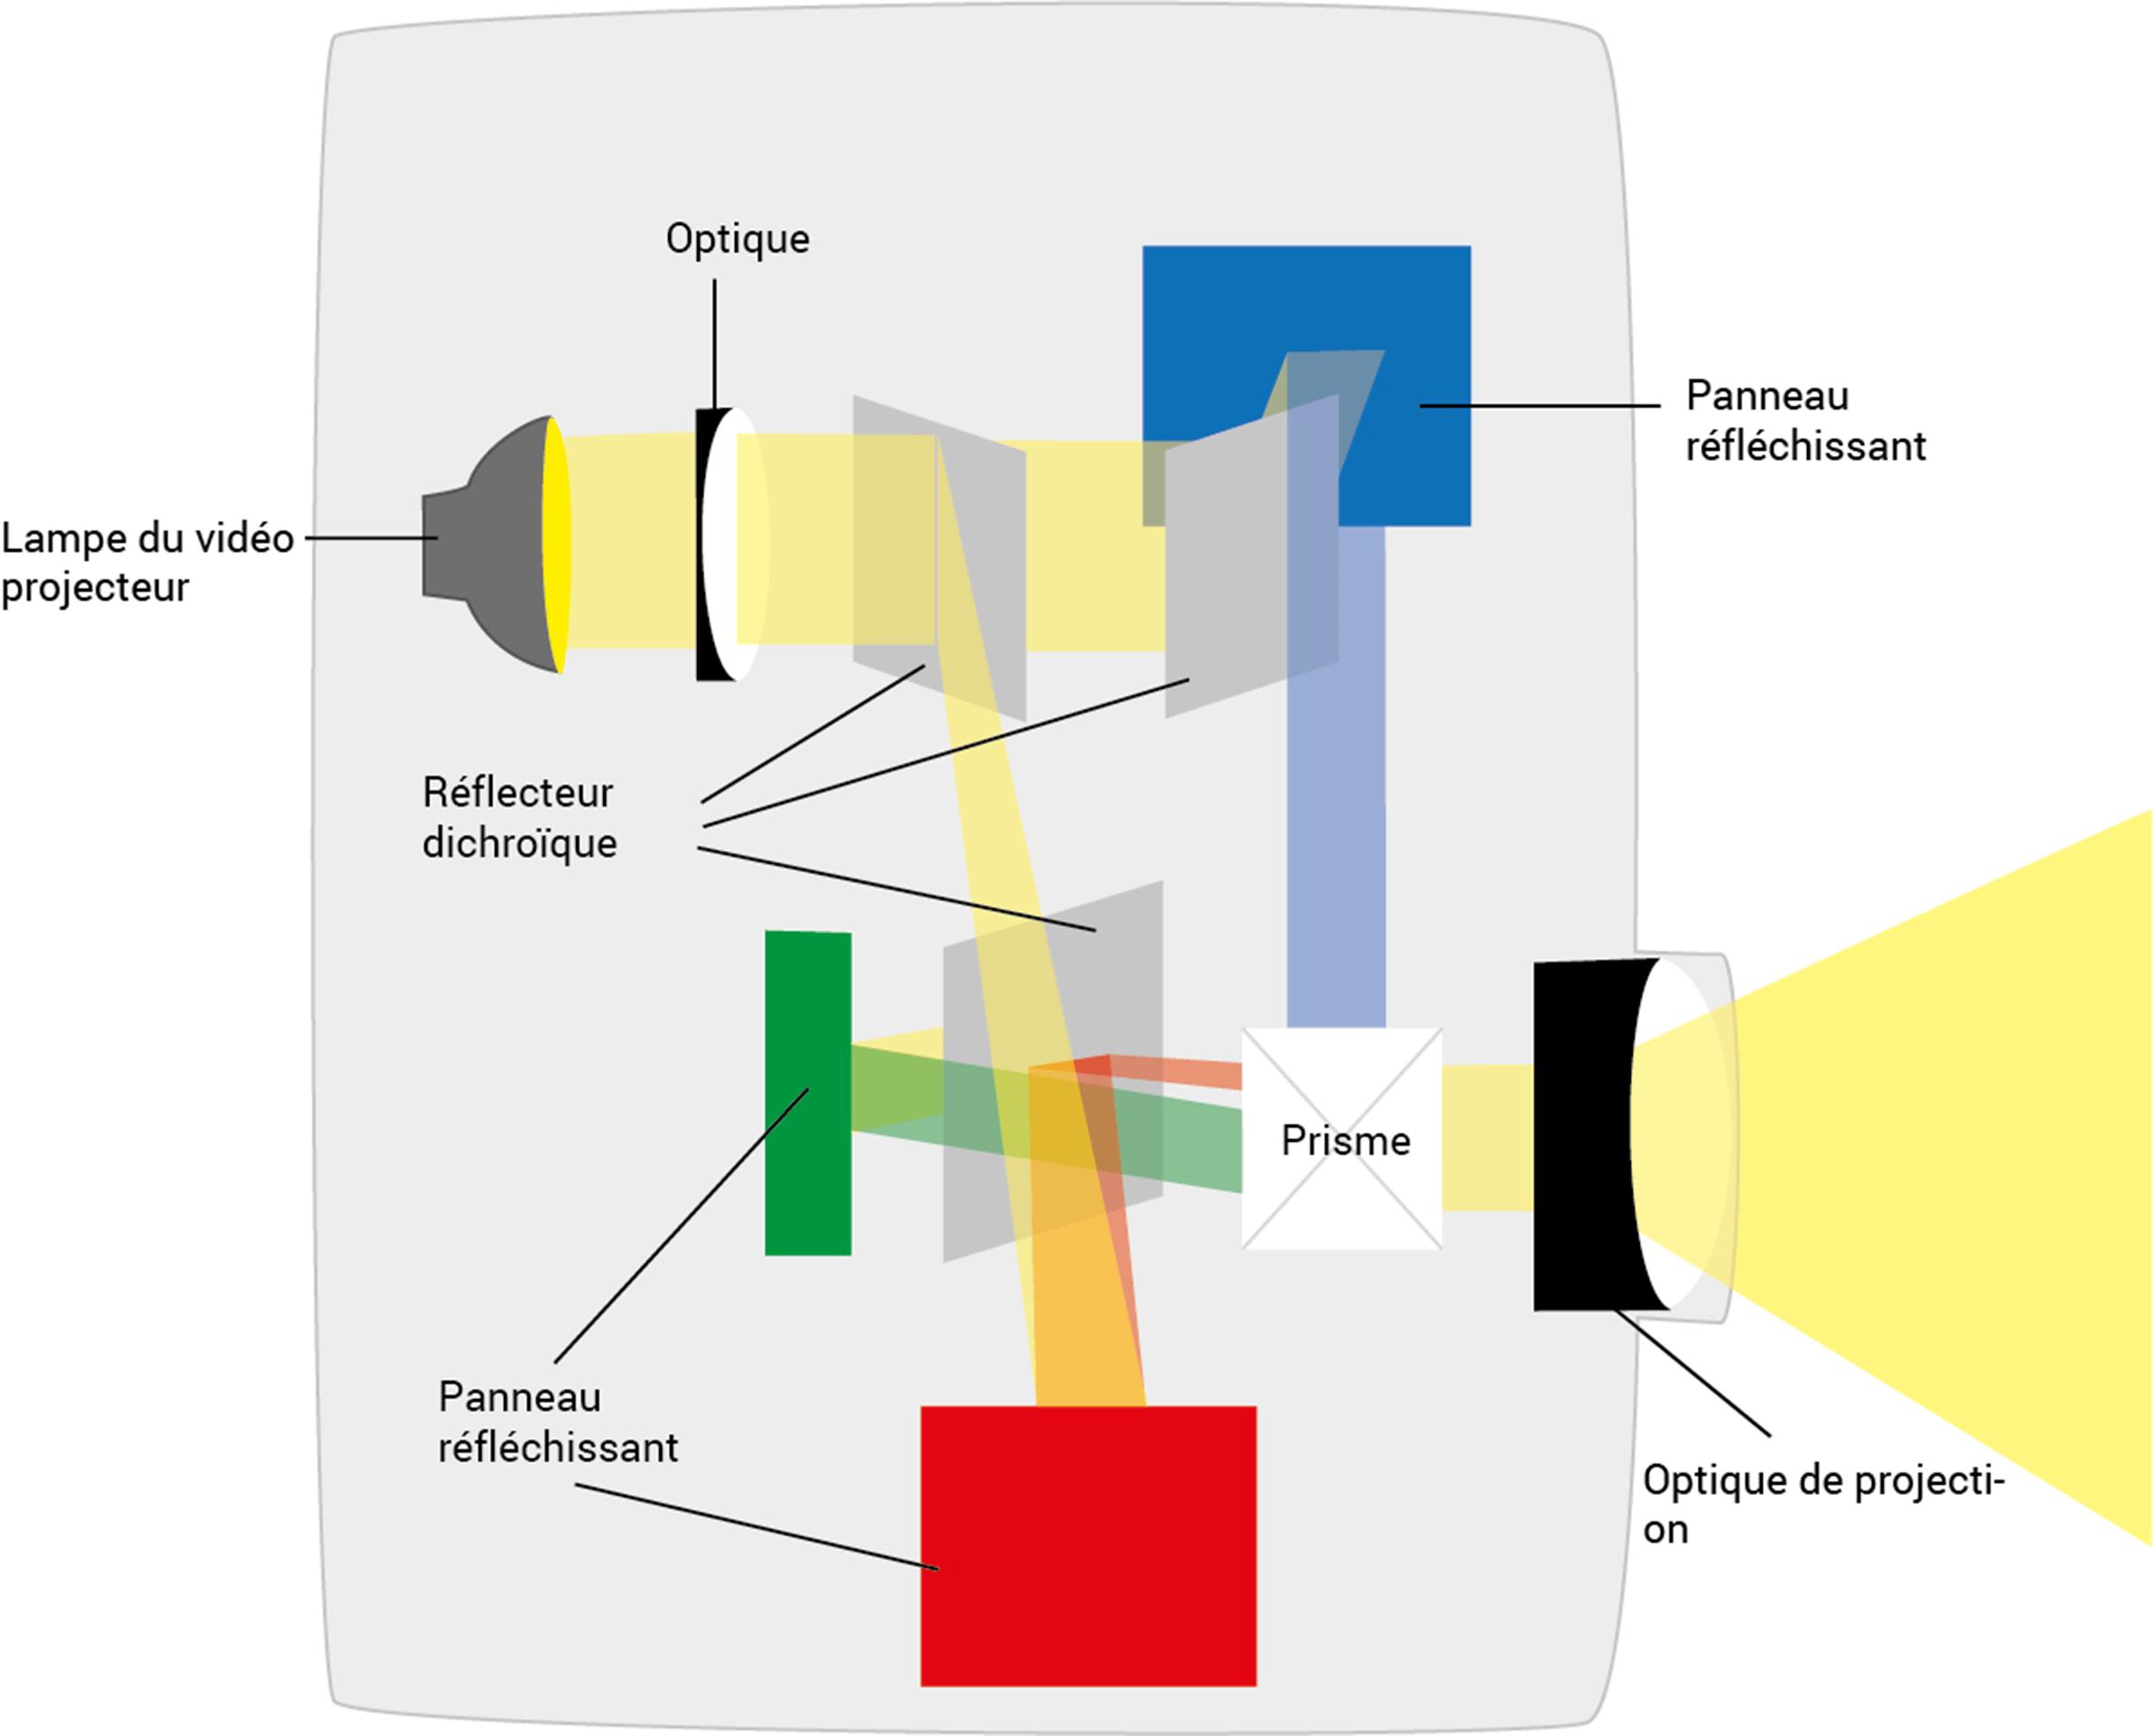 Fonctionnalité de la technologie Lcos / D-ILA / SXRD d'un beamer